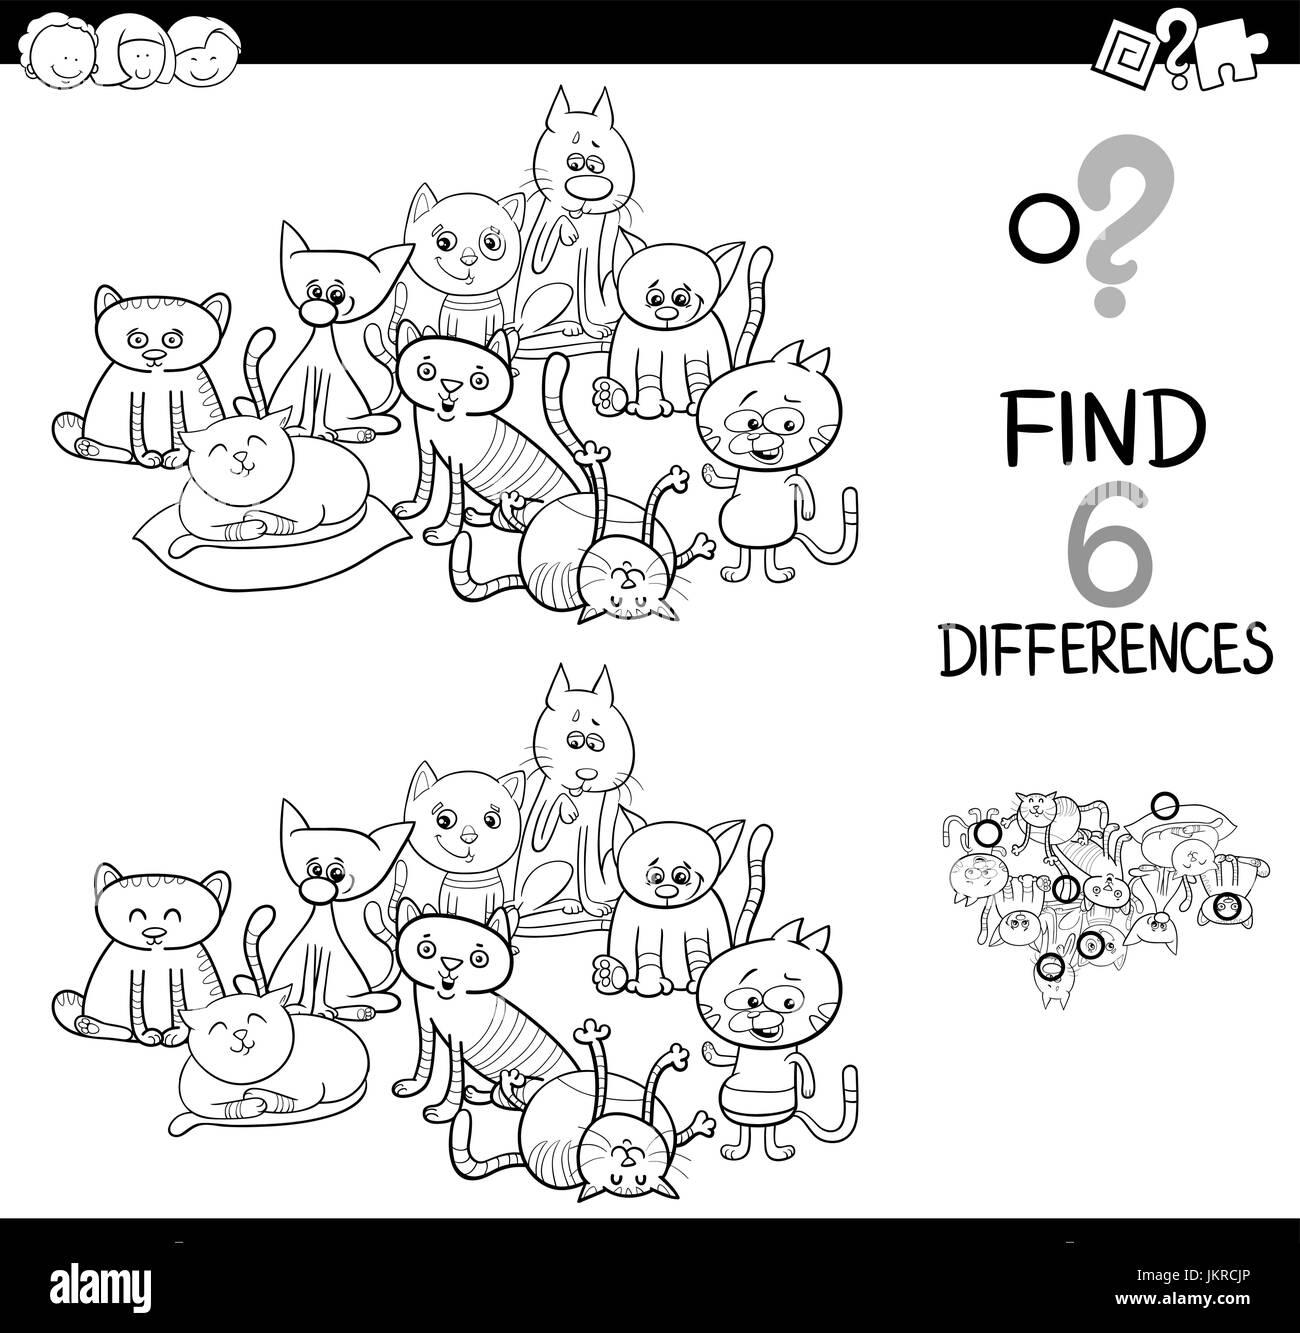 Schwarz Weiß Cartoon Illustration Der Vor Ort Die Unterschiede